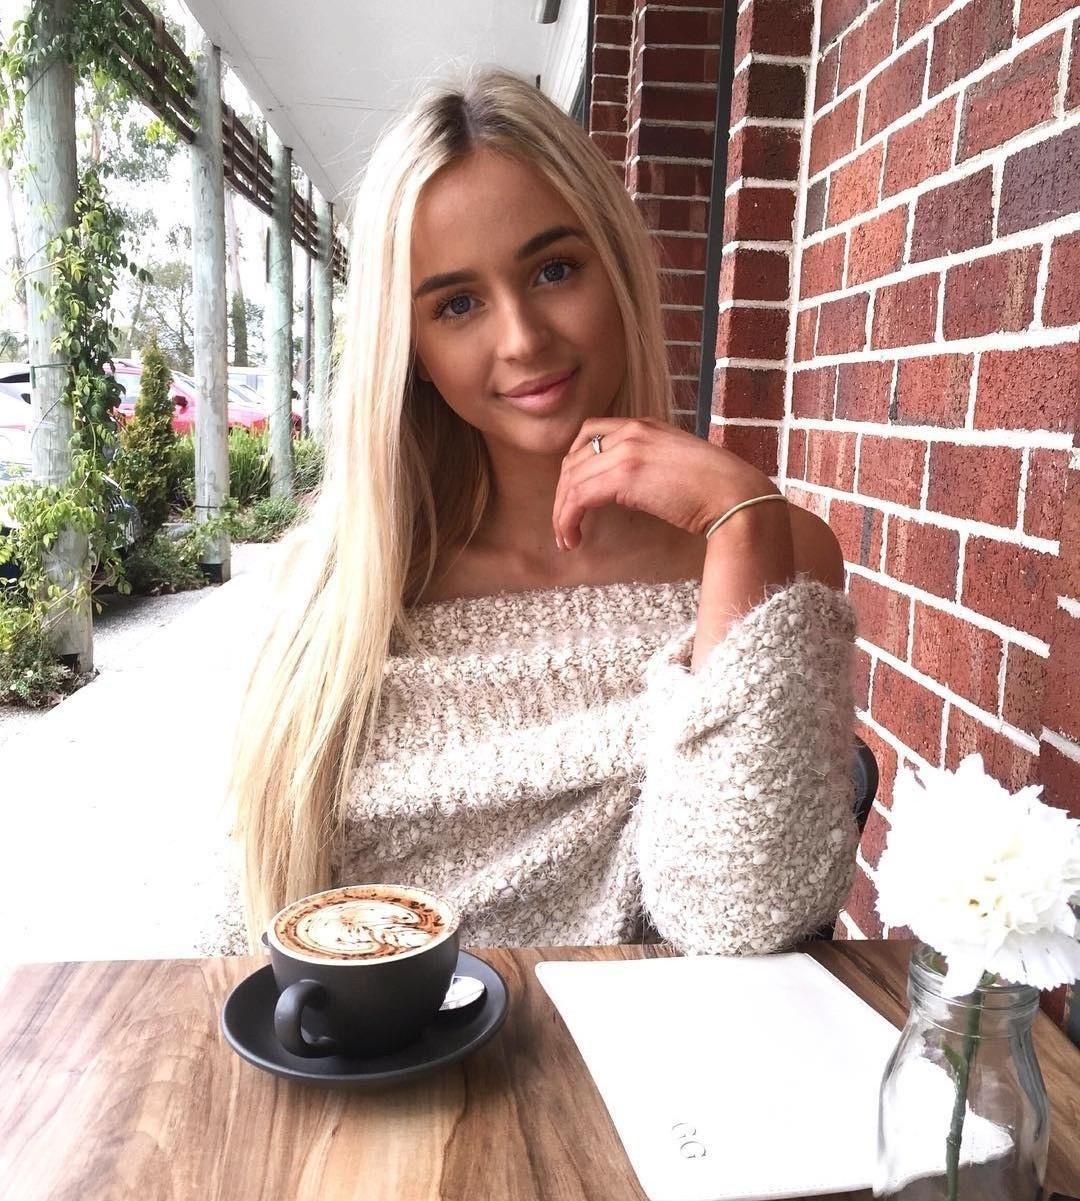 Работа хостес моделью в Харькове